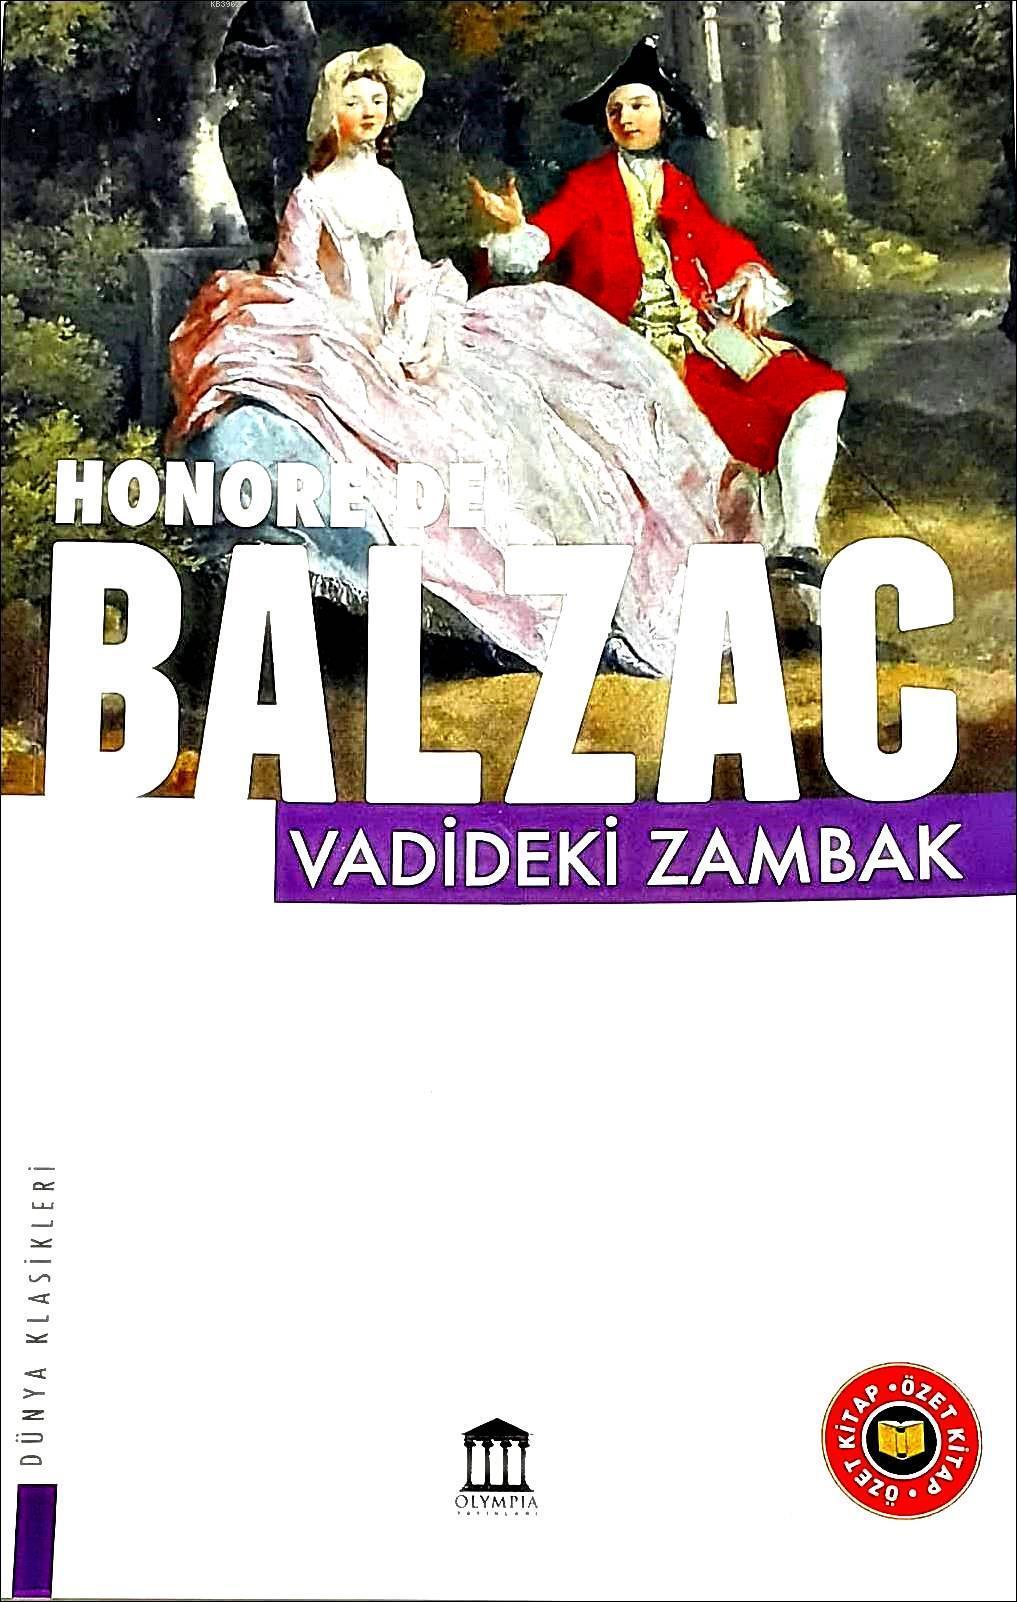 Vadideki Zambak(özet)